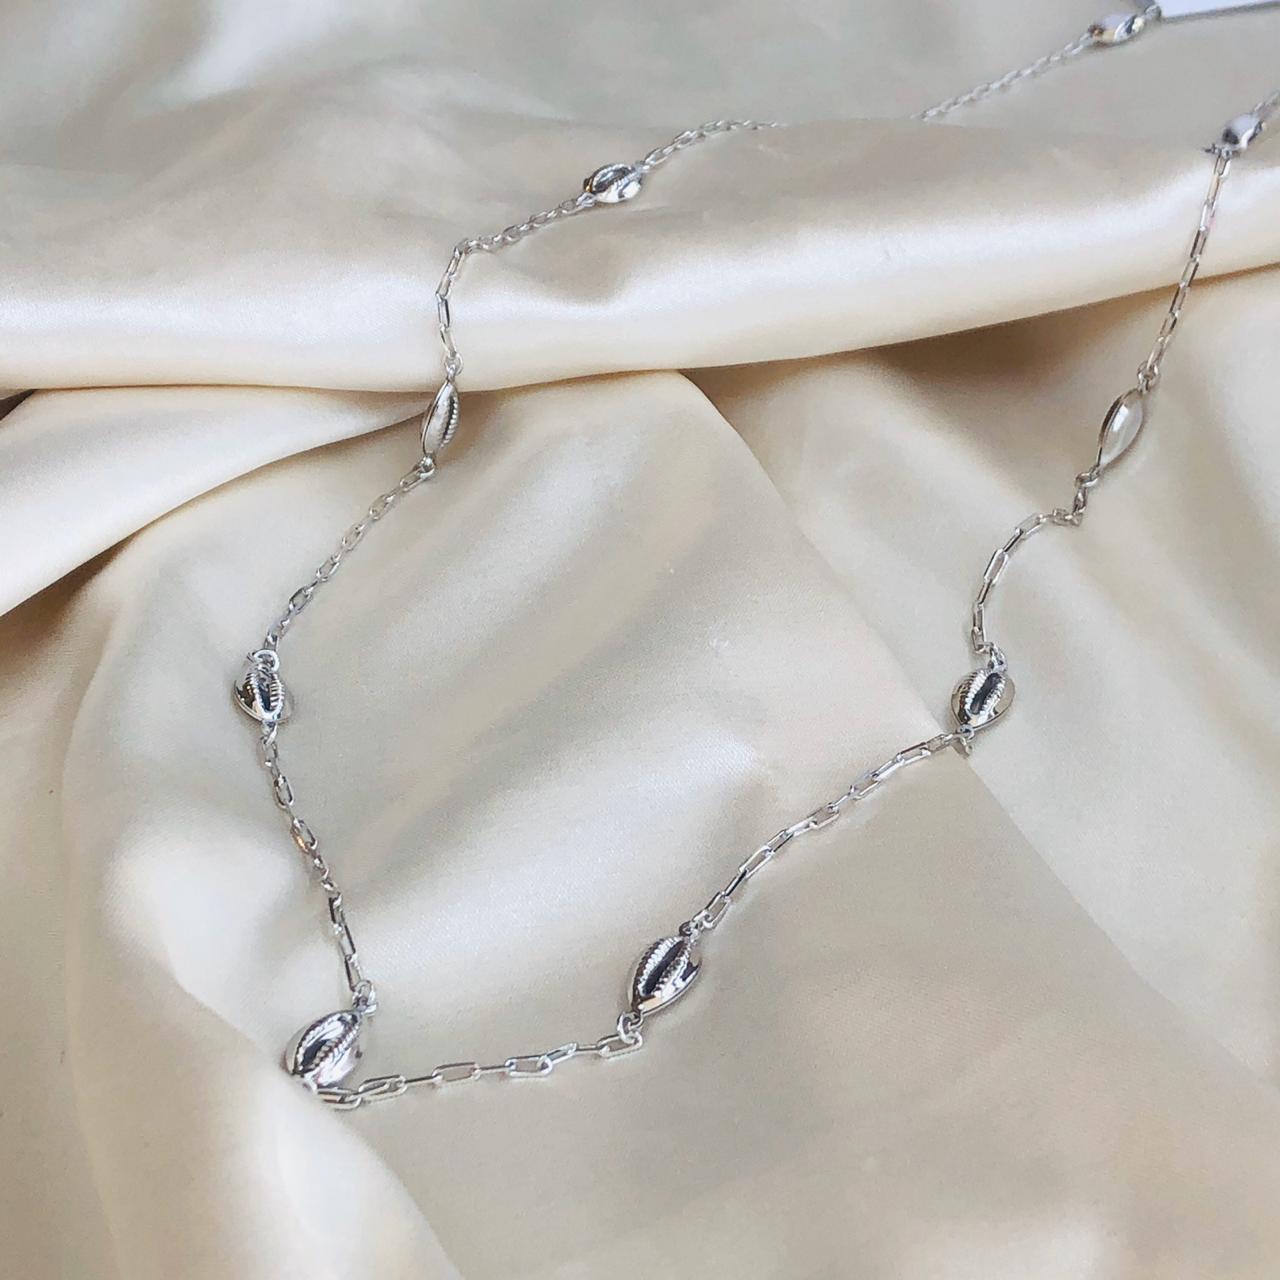 Colar Longo em Corrente Cartier com Buzios Banhado em Ródio Branco